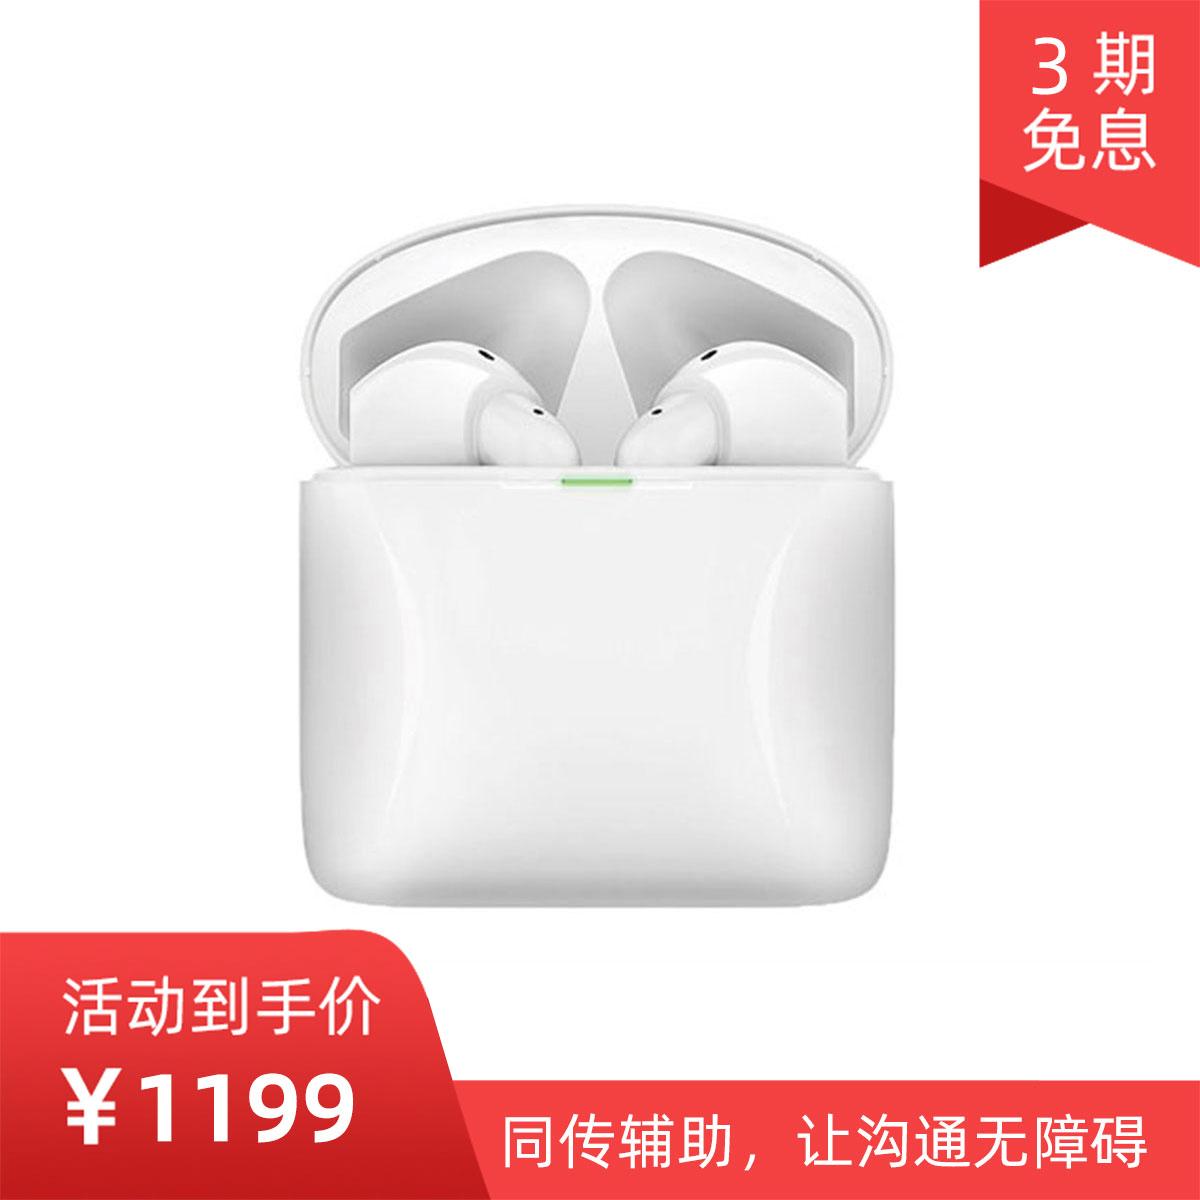 【618大促】讯飞智能耳机iF...